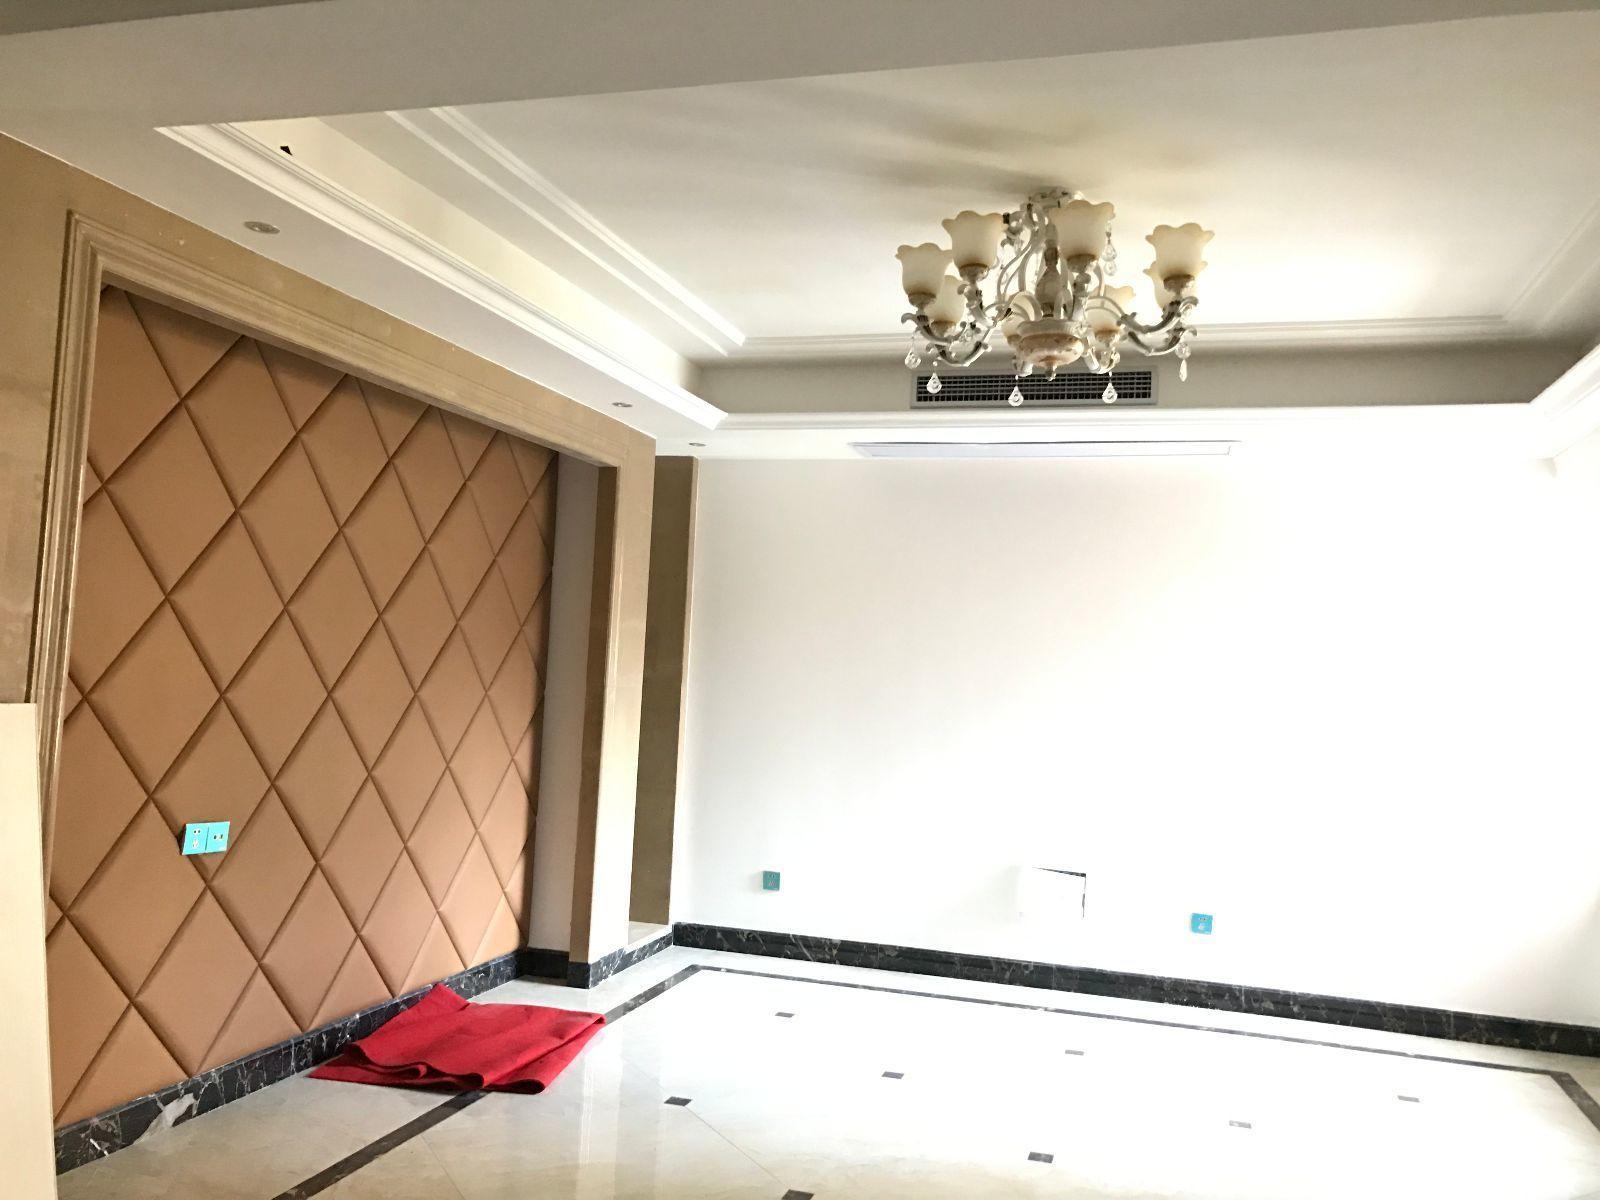 【安捷房产】保靖锦绣名城3室2厅2卫125平米